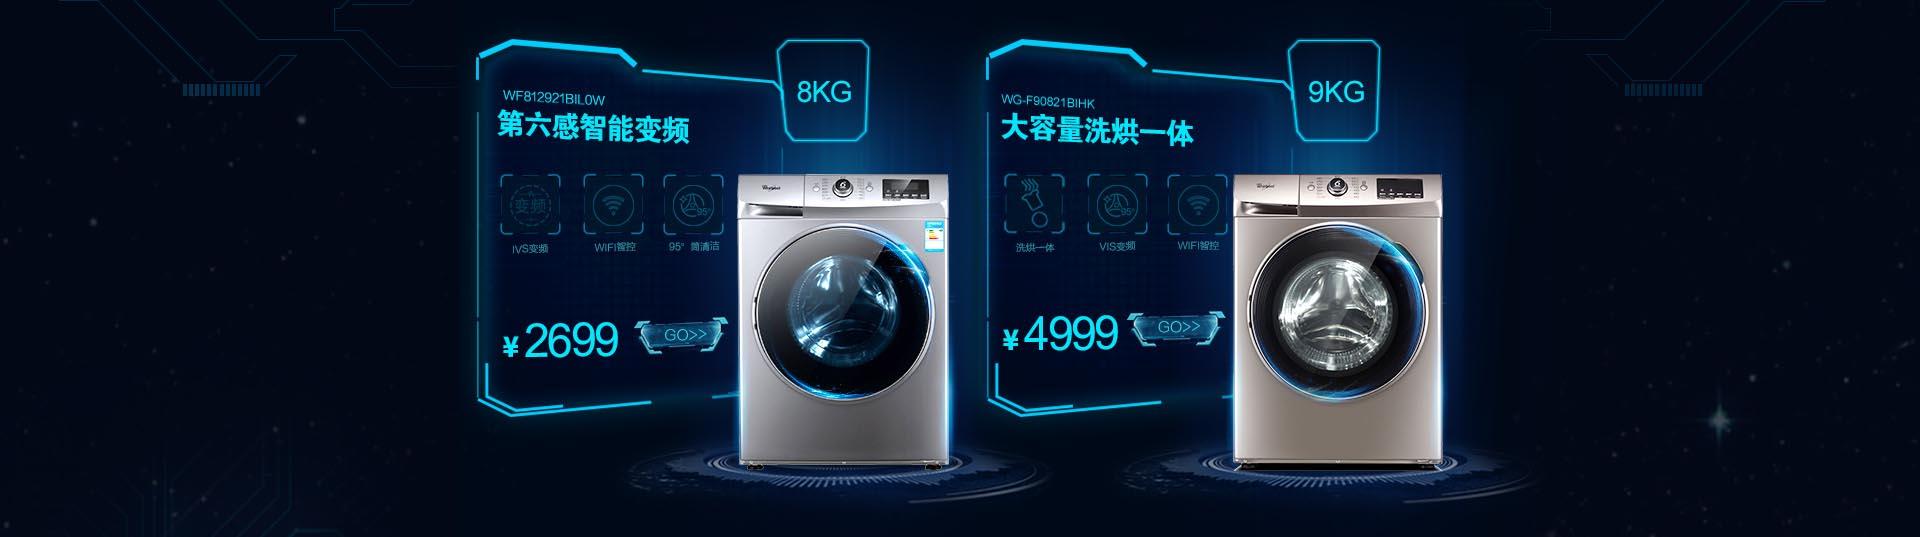 帝度dgf60311g电脑板-diqua洗衣机如何解锁,dg-60311g